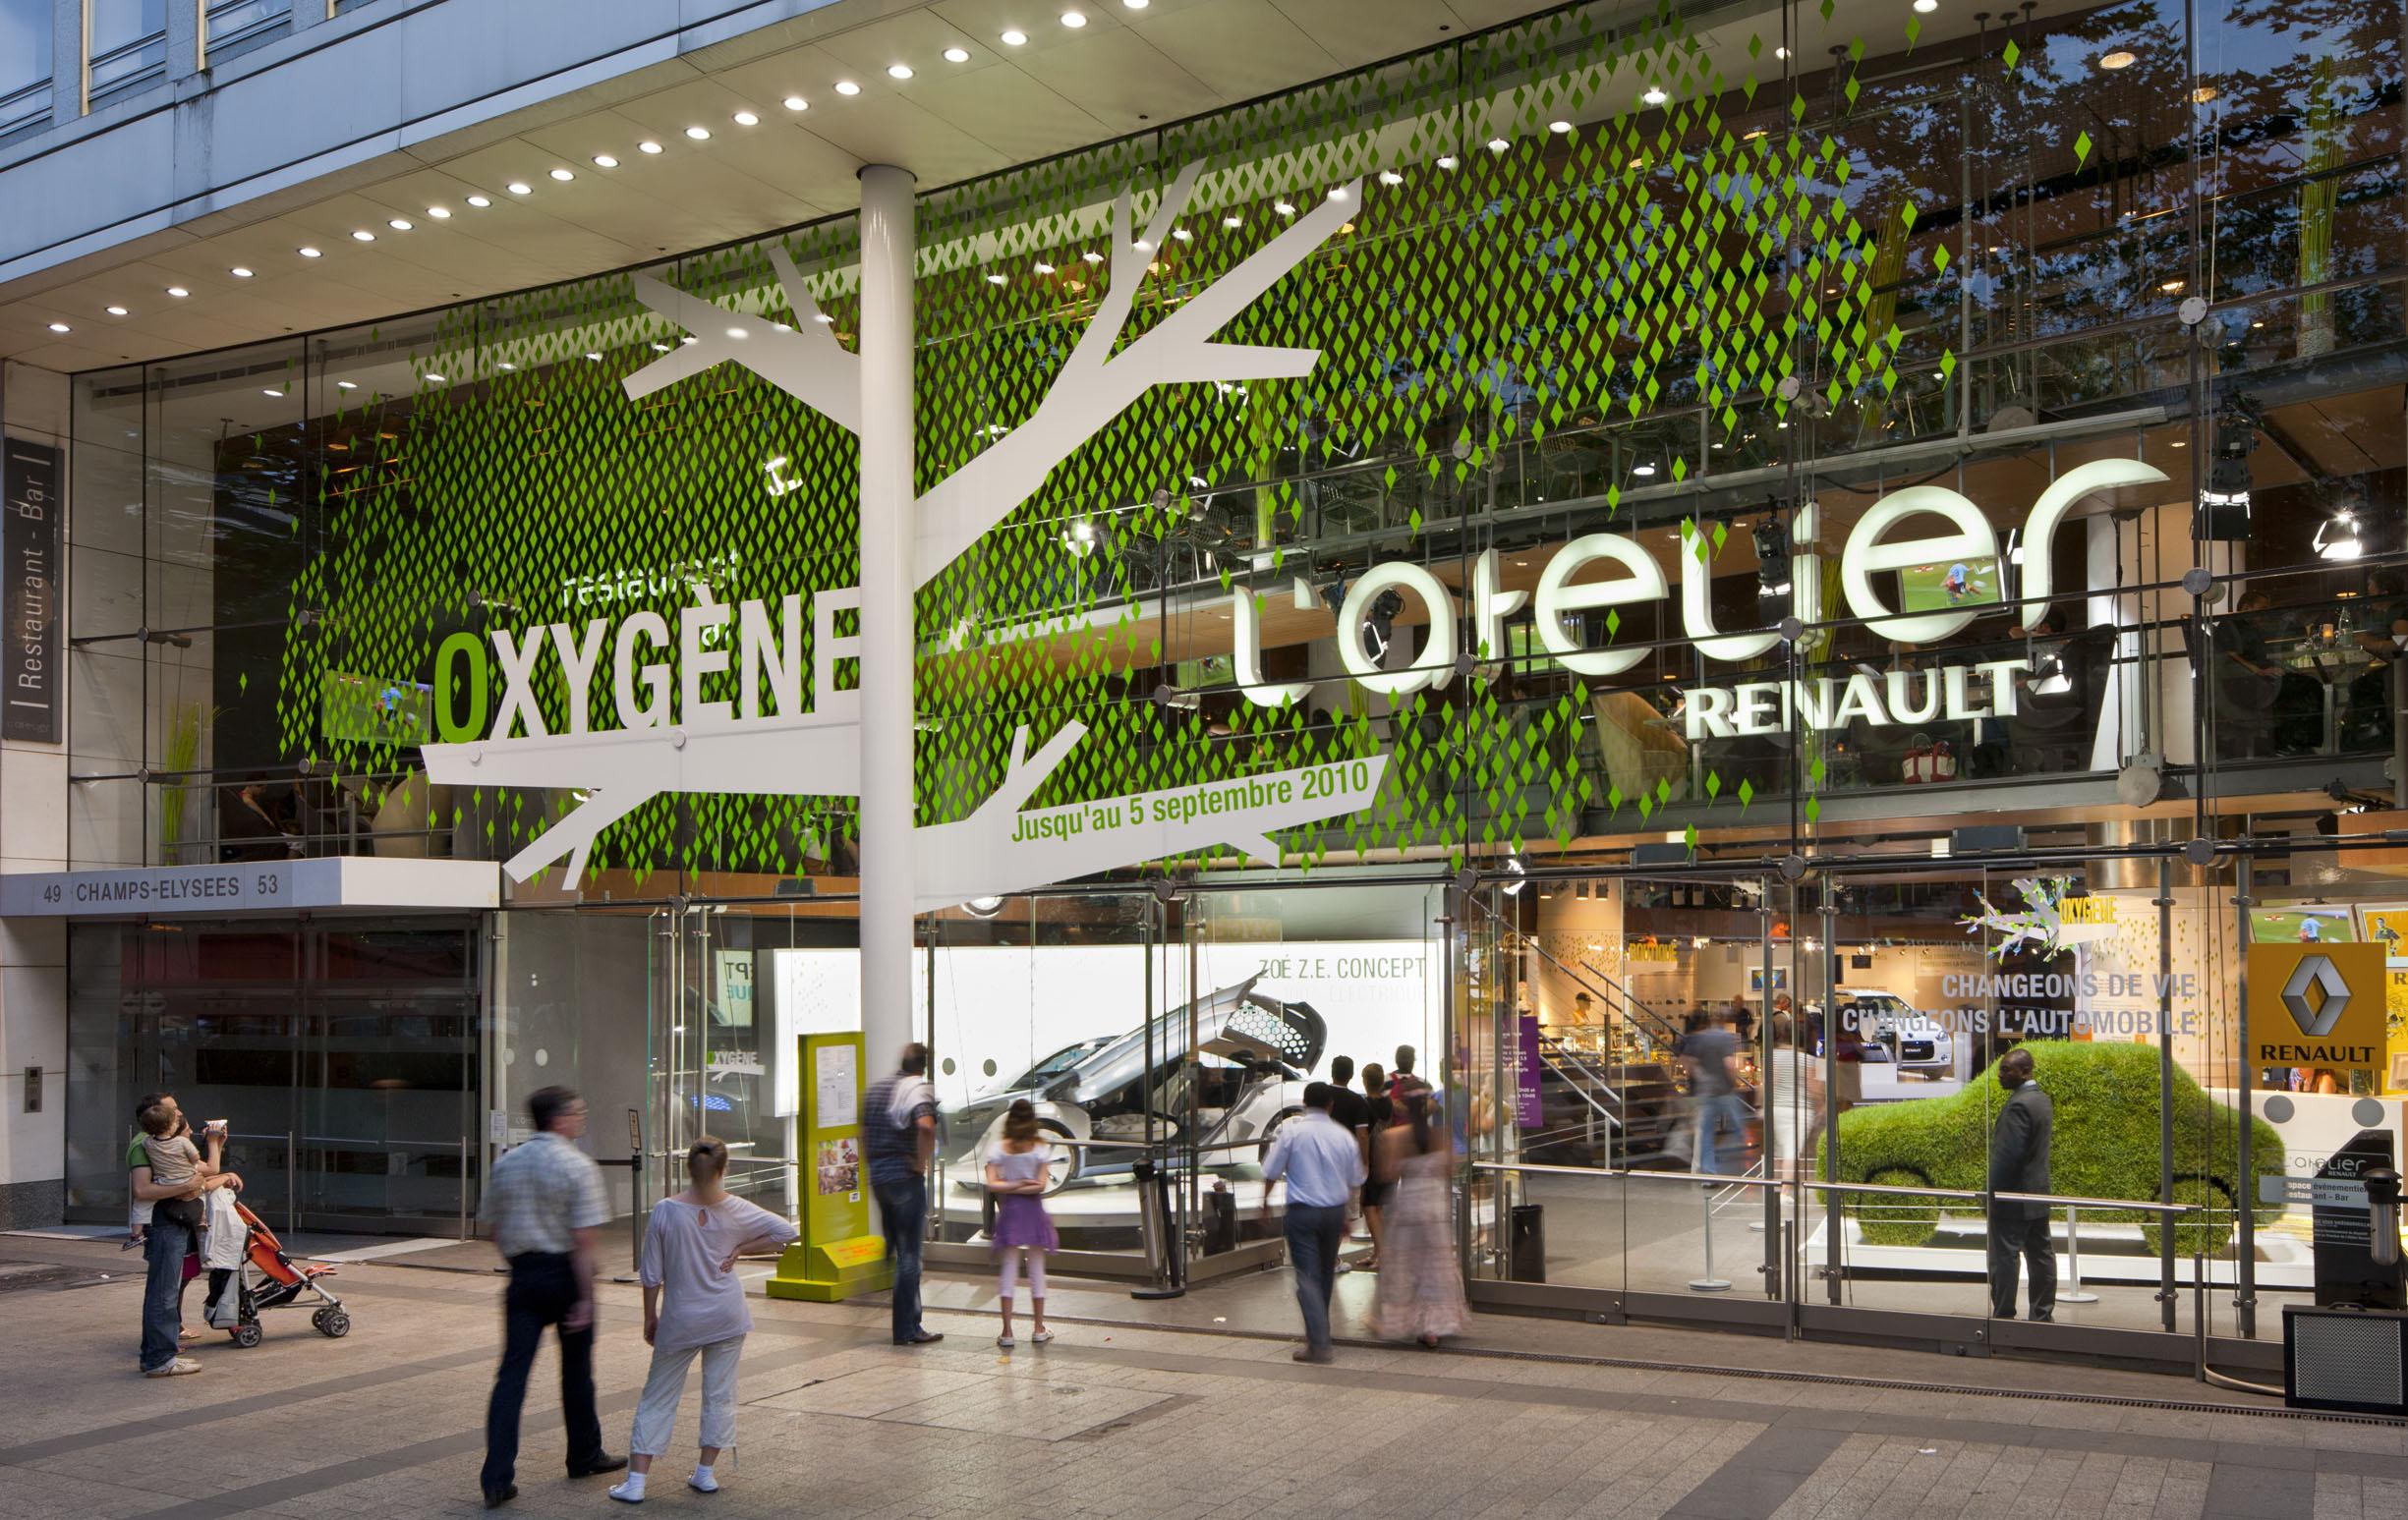 Atelier Renault - Oxygene